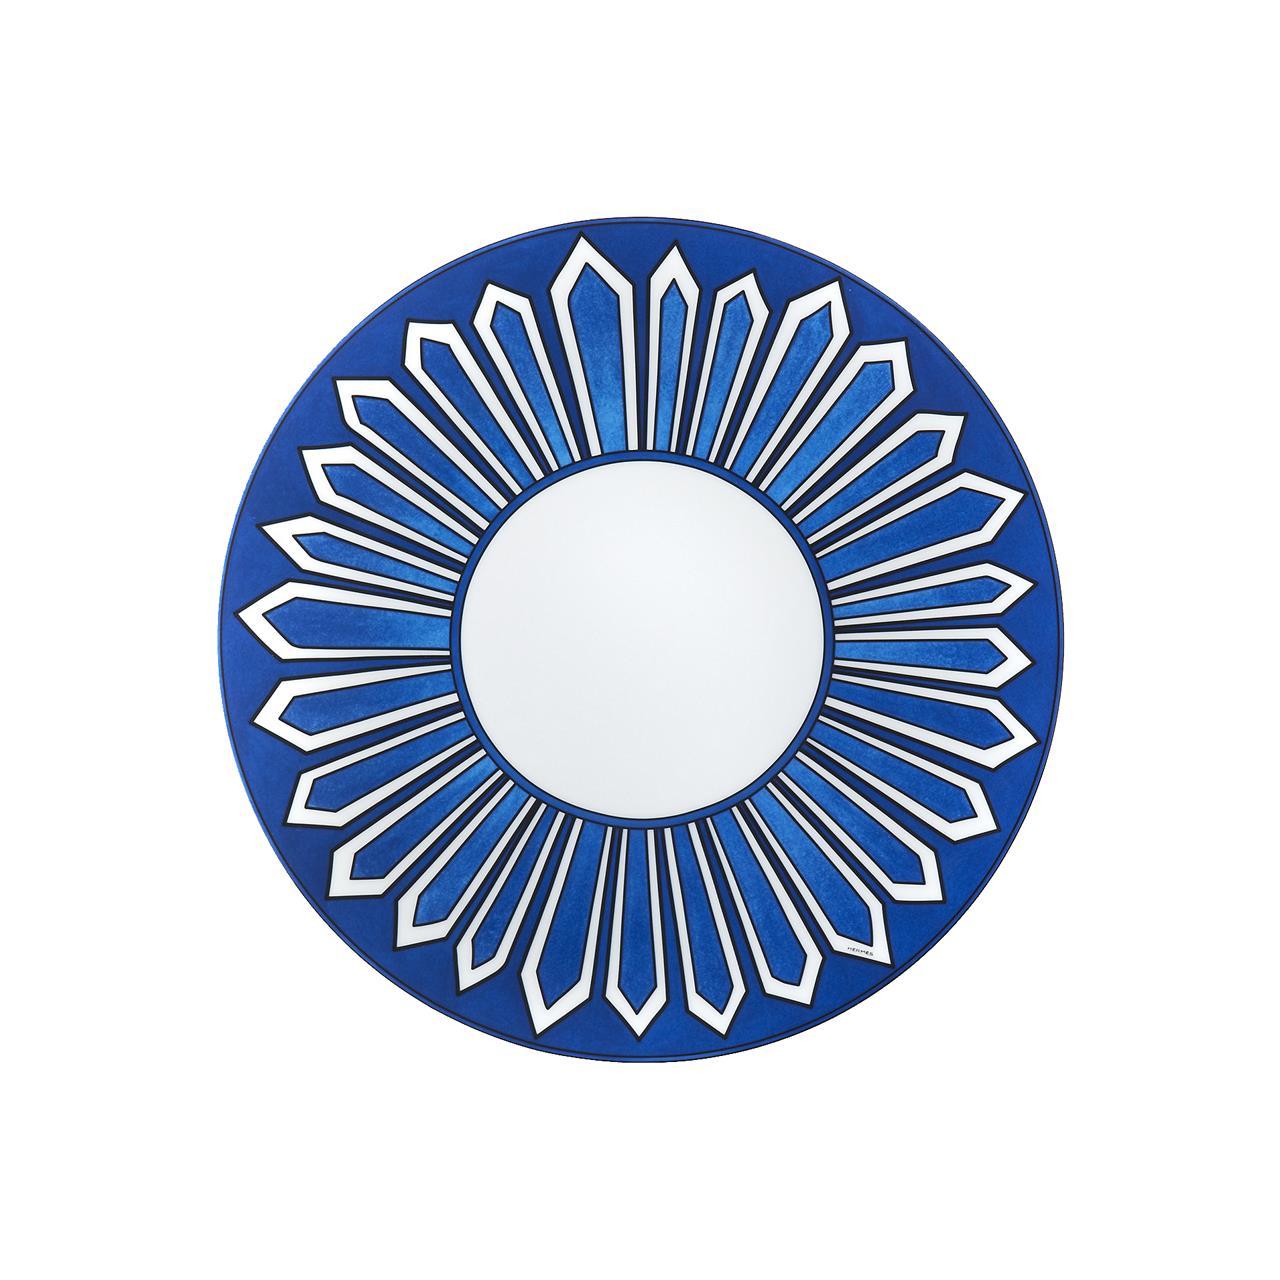 Bleus d'Ailleurs - Porzellan von Hermès bei Franzen in Düsseldorf kaufen